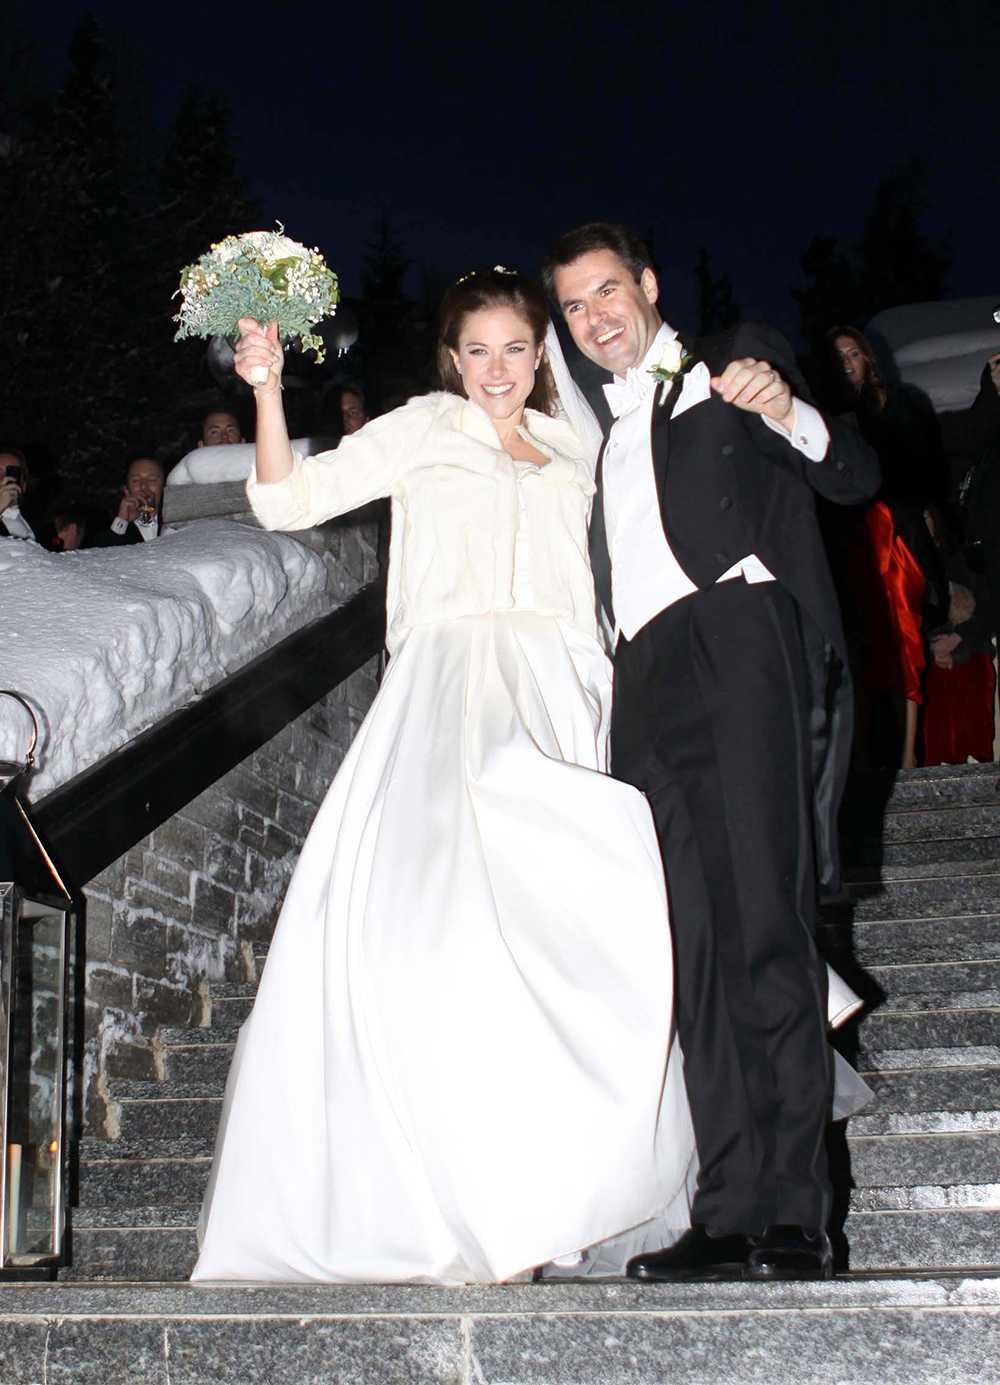 Tajt liv och mycket vidd i kjolen. När Caroline Leksell gifte sig med britten Graham Cooke i St Moritz förra året valde hon en klassisk prinsessmodell. För att skydda sig mot decembervindarna bar hon en vit kort päls på väg till kyrkan.